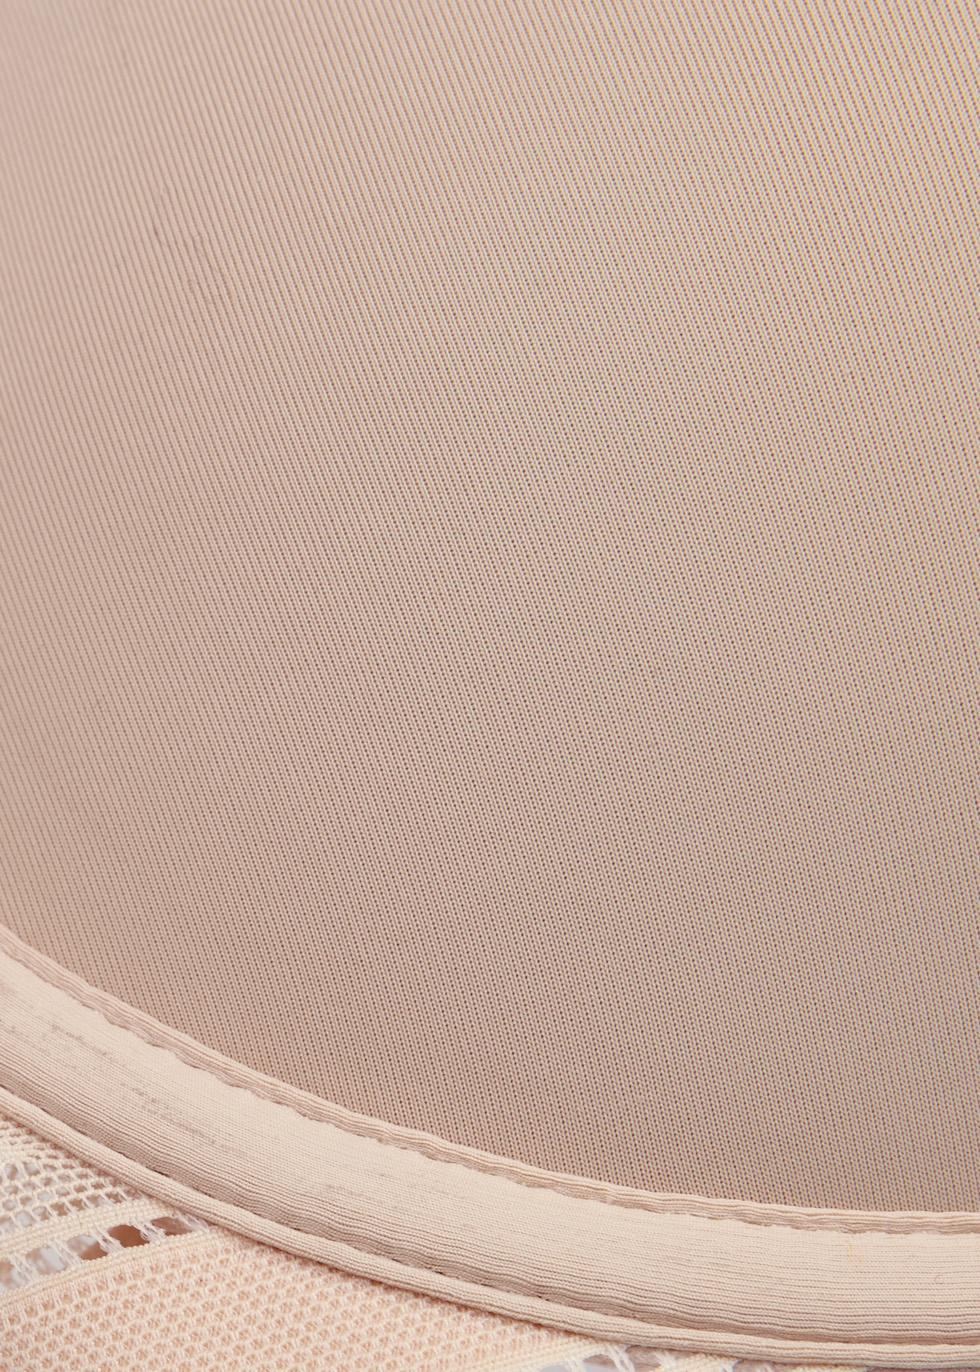 Muse blush push-up bra - Simone Pérèle